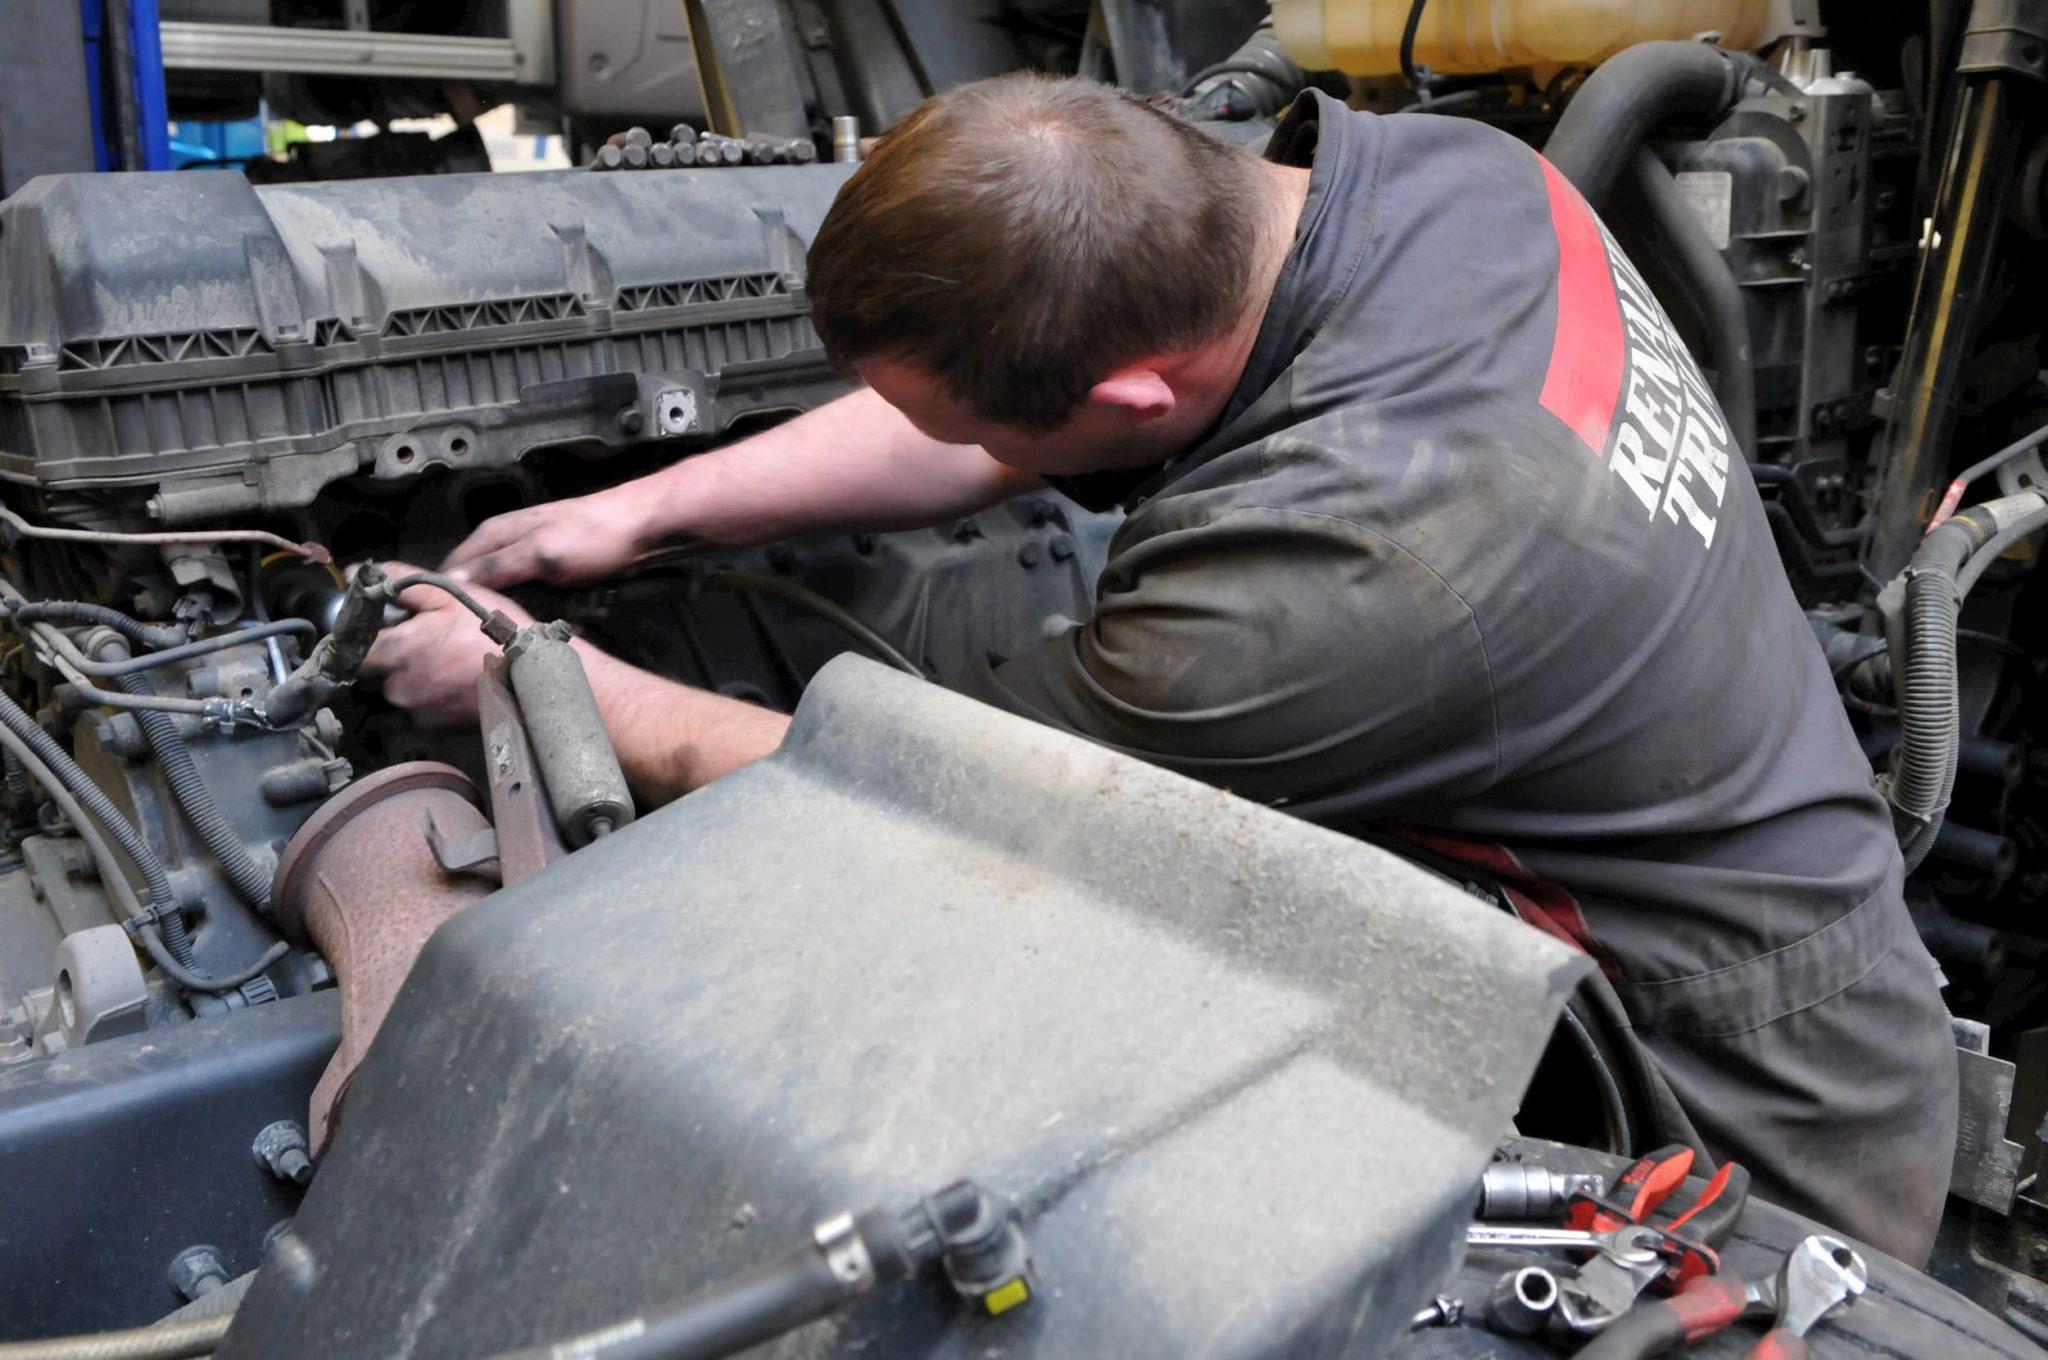 Réparation de camions et de poids lourd Renault Trucks et autres marques